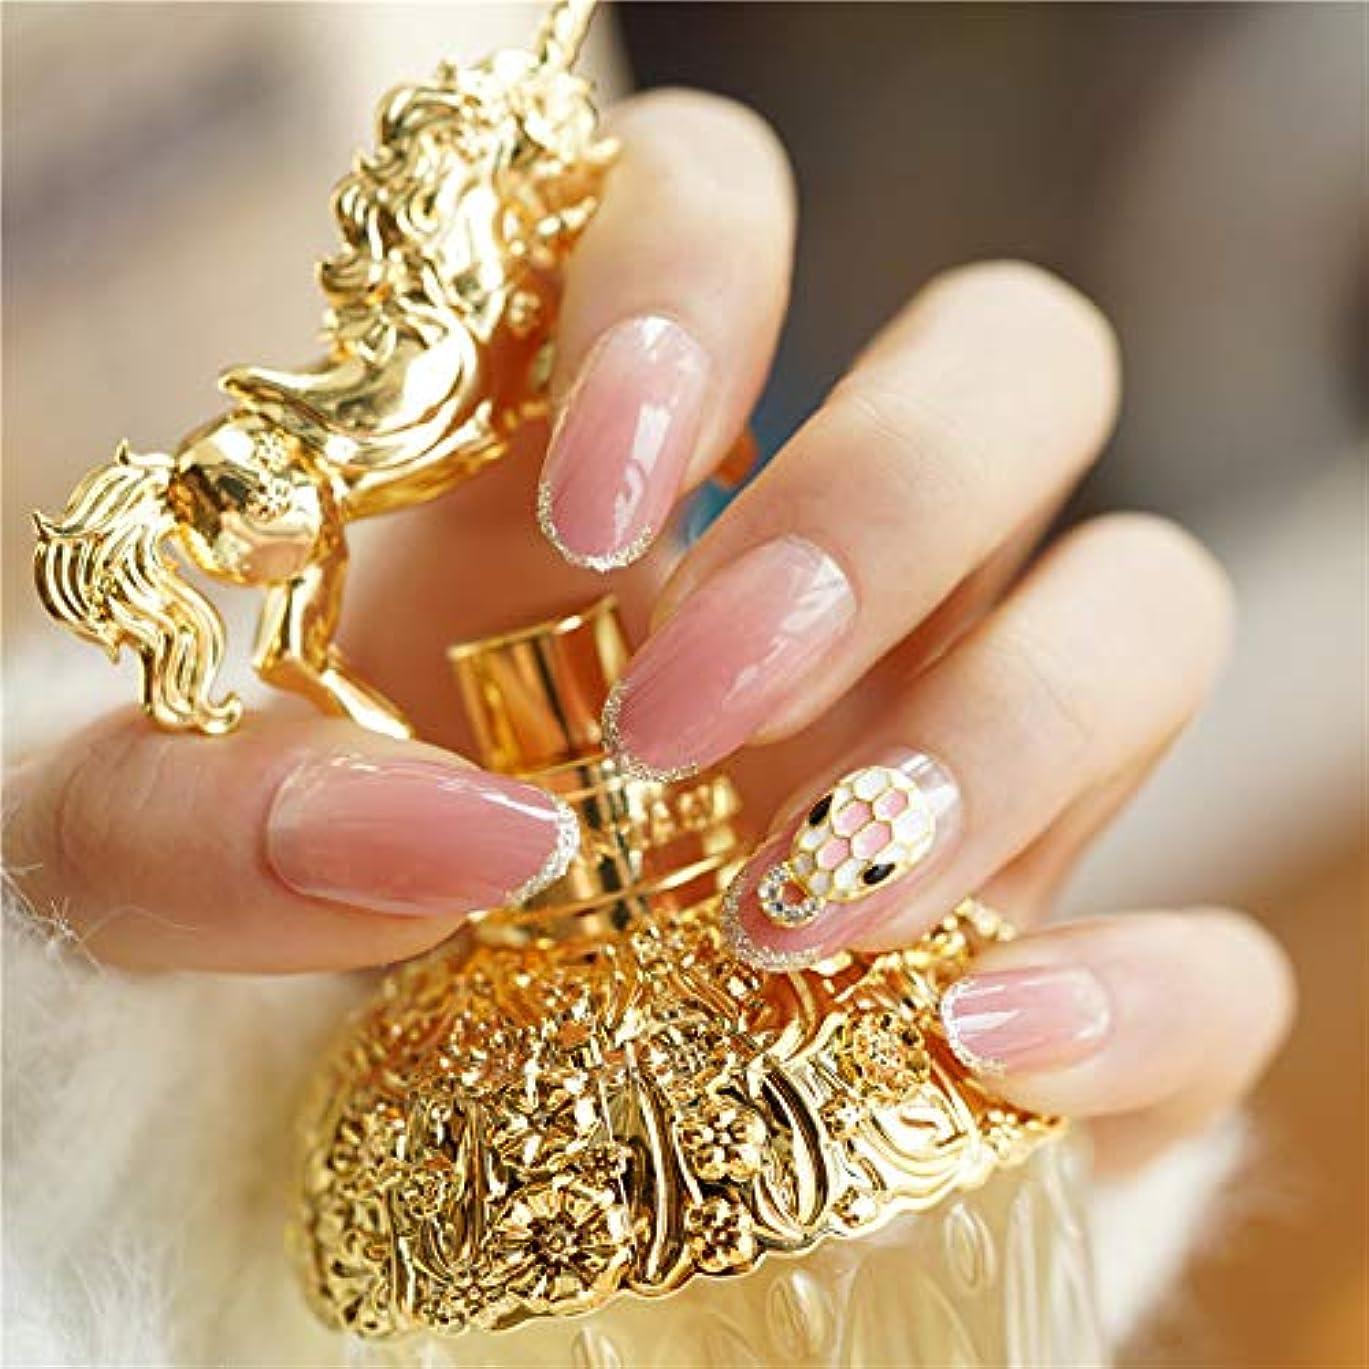 著名な一握り住人24枚セット ネイルチップ 付け爪 お嫁さんつけ爪 ネイルシール 3D可愛い飾り 爪先金回し 水しいピンク色変化デザインネイルチップ (ピンク)